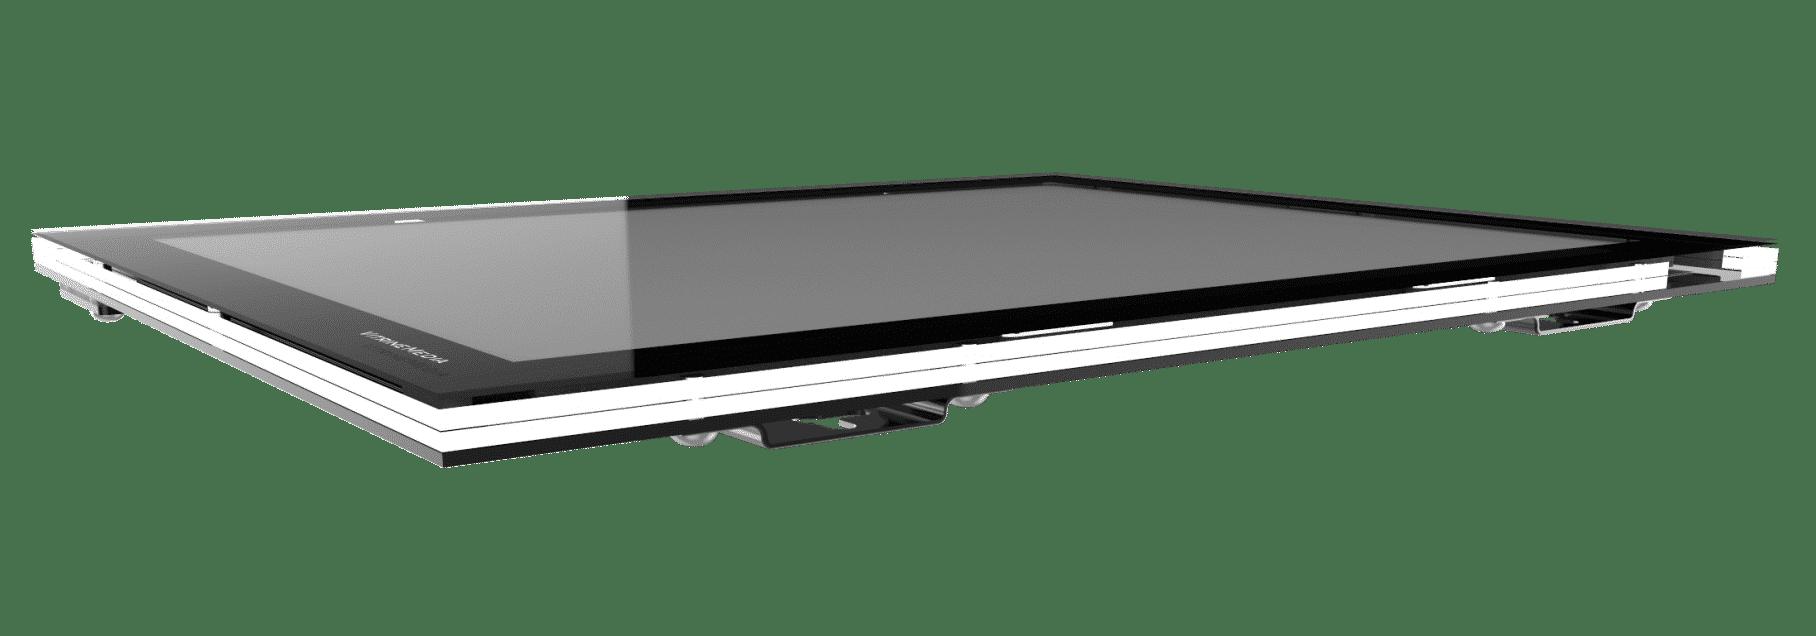 Painel de LED/ Caixa de luz ultra fina para ser instalada em parede